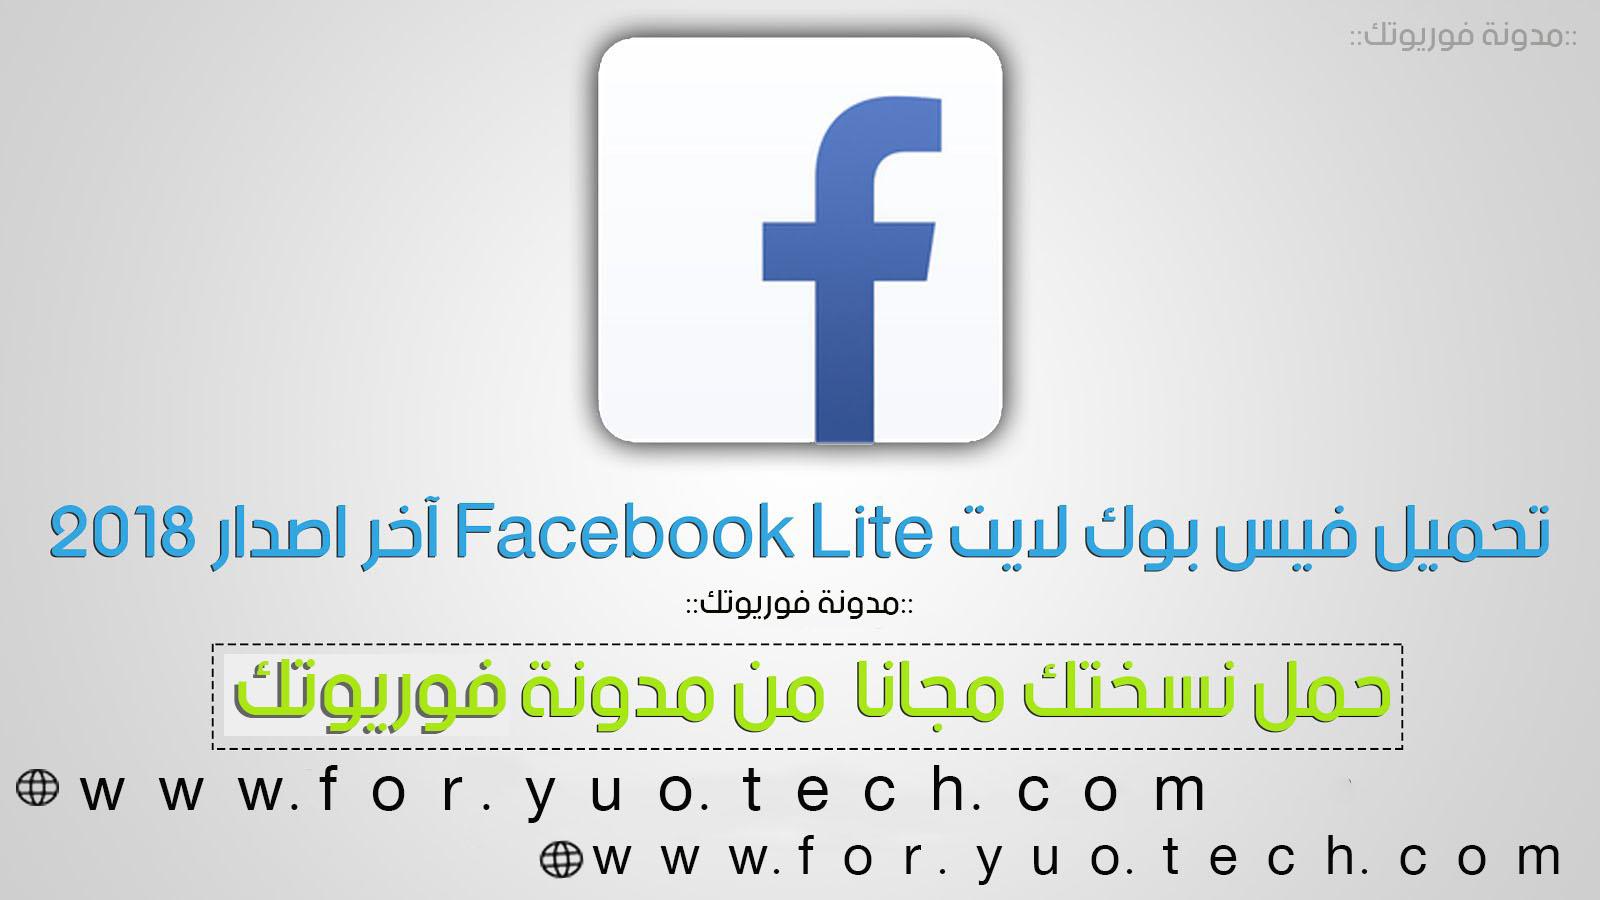 تحميل فيس بك لايت Facebook Lite للأندرويد مجانا جديد 2019